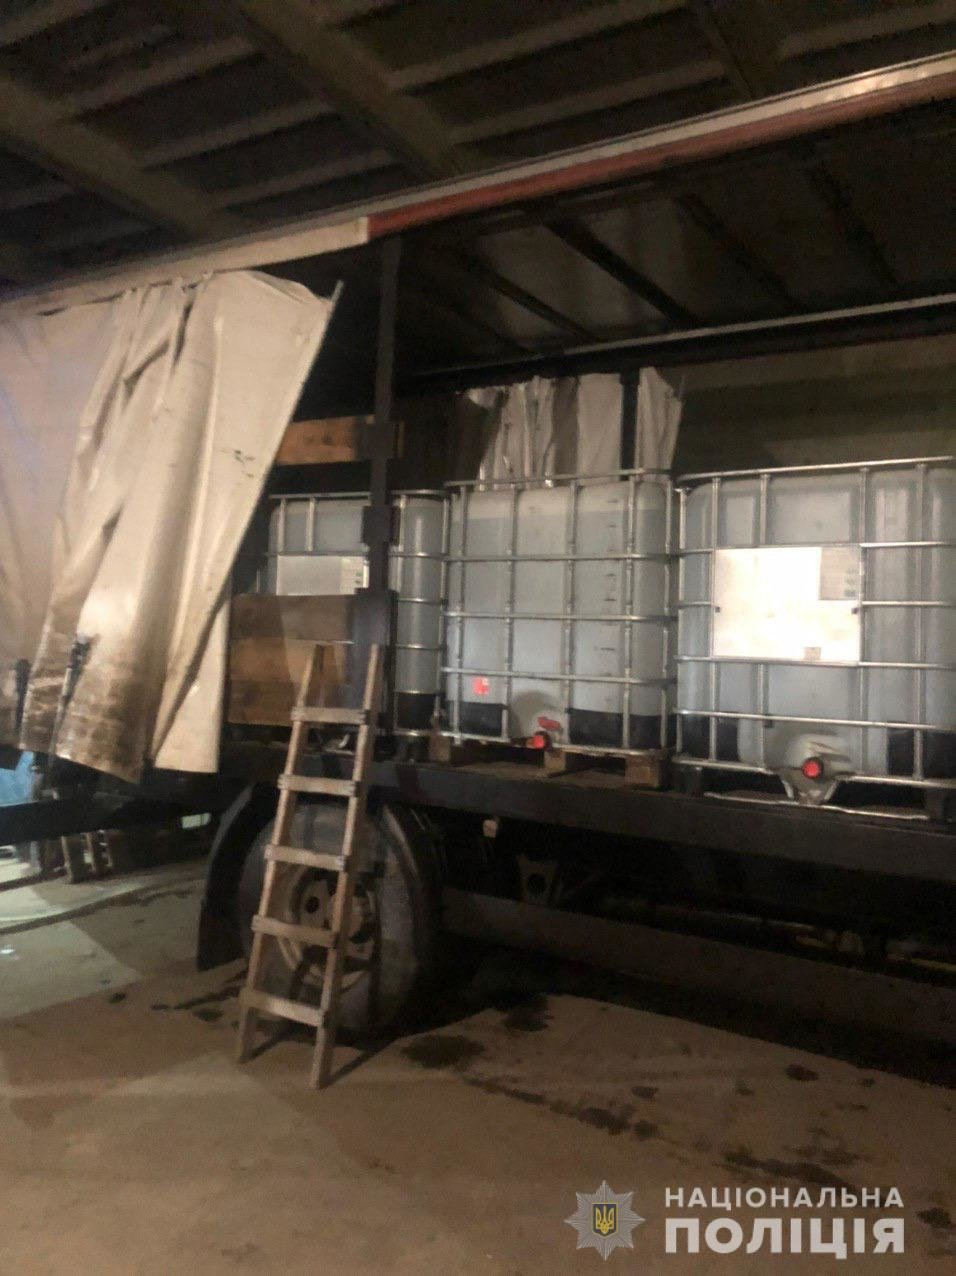 В Харькове изъяли 12 тонн спирта, который незаконно хранили в гараже, - ФОТО, фото-4